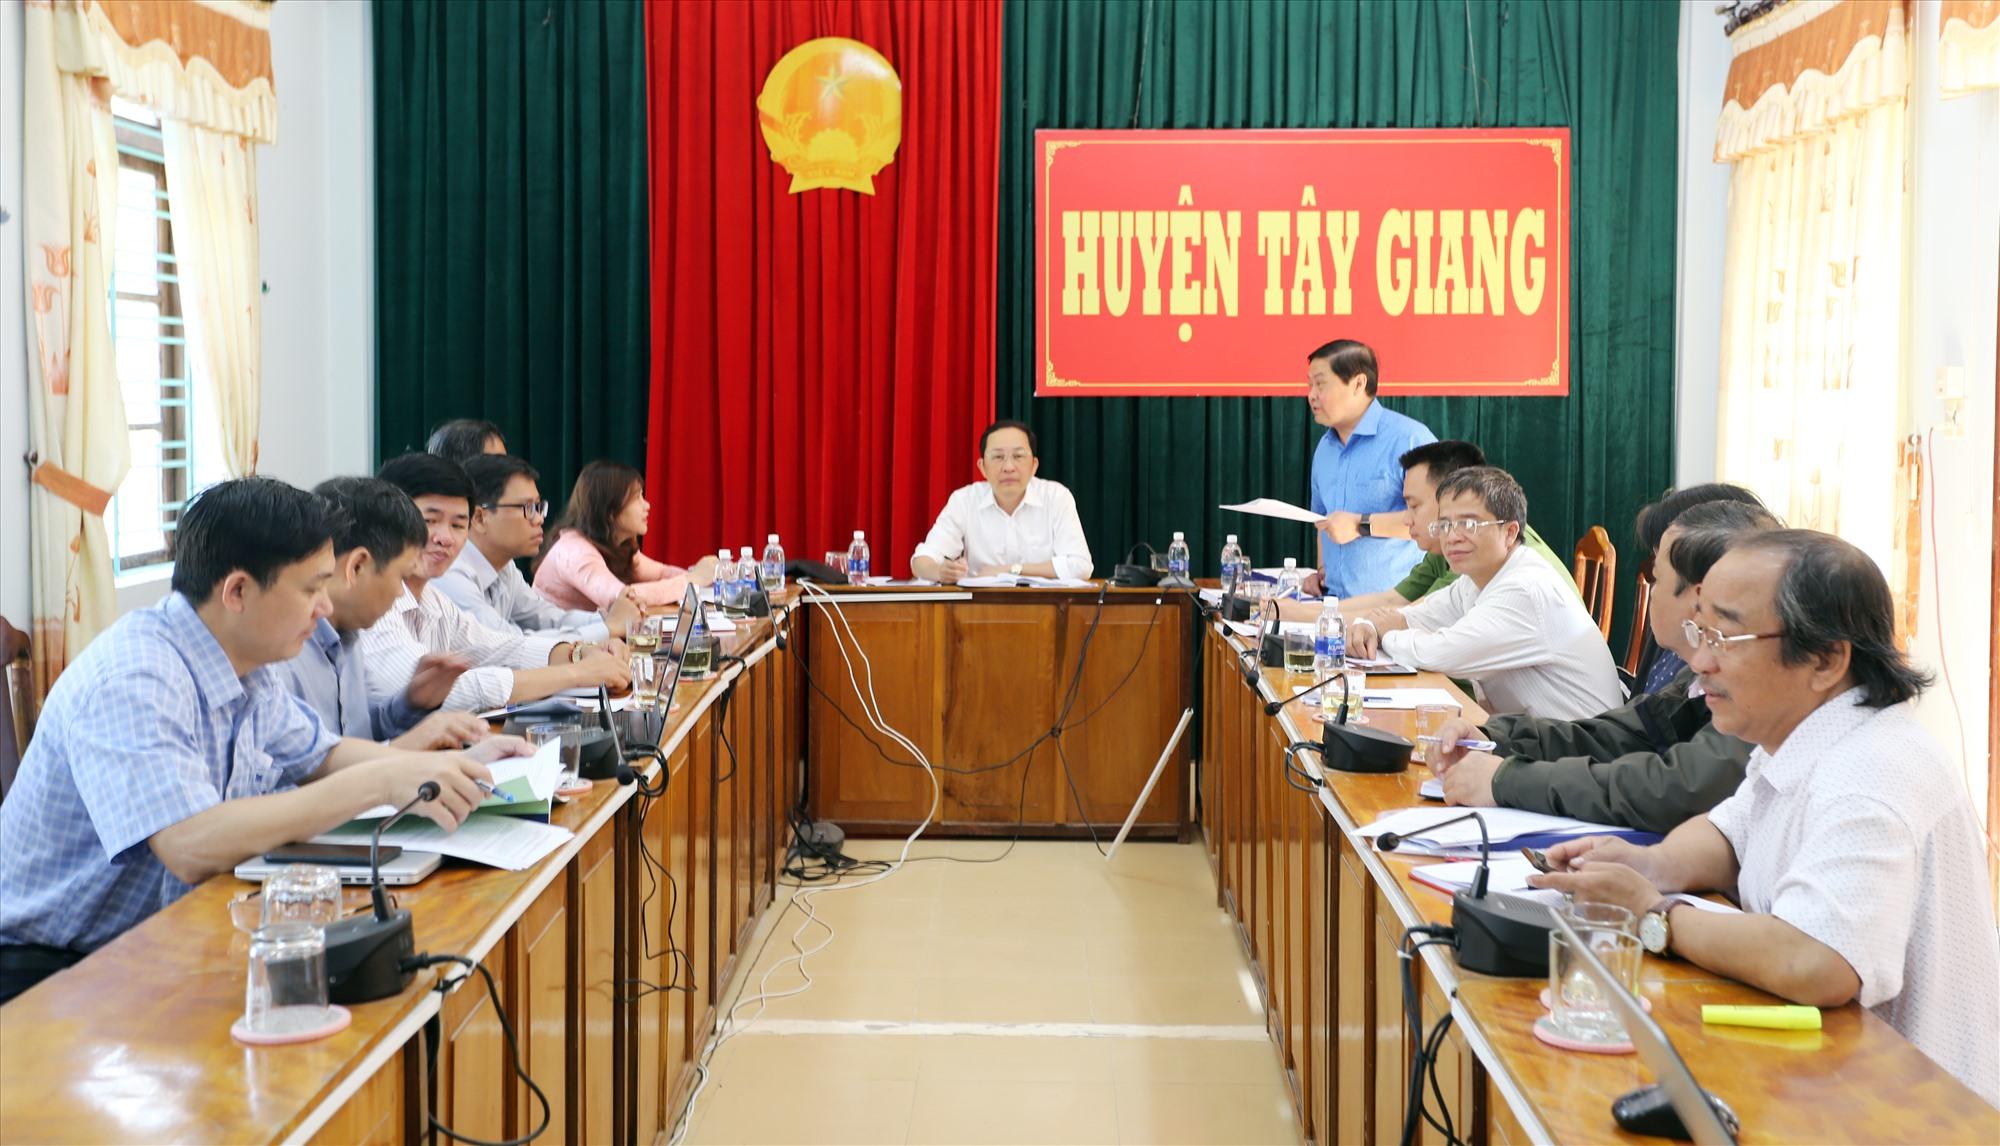 Ủy ban bầu cử huyện Tây Giang họp nghe báo cáo tình hình triển khai công tác bầu cử, thông qua nghị quyết ấn định số đơn vị, danh sách bầu cử và số lượng đại biểu được bầu. Ảnh: T.C